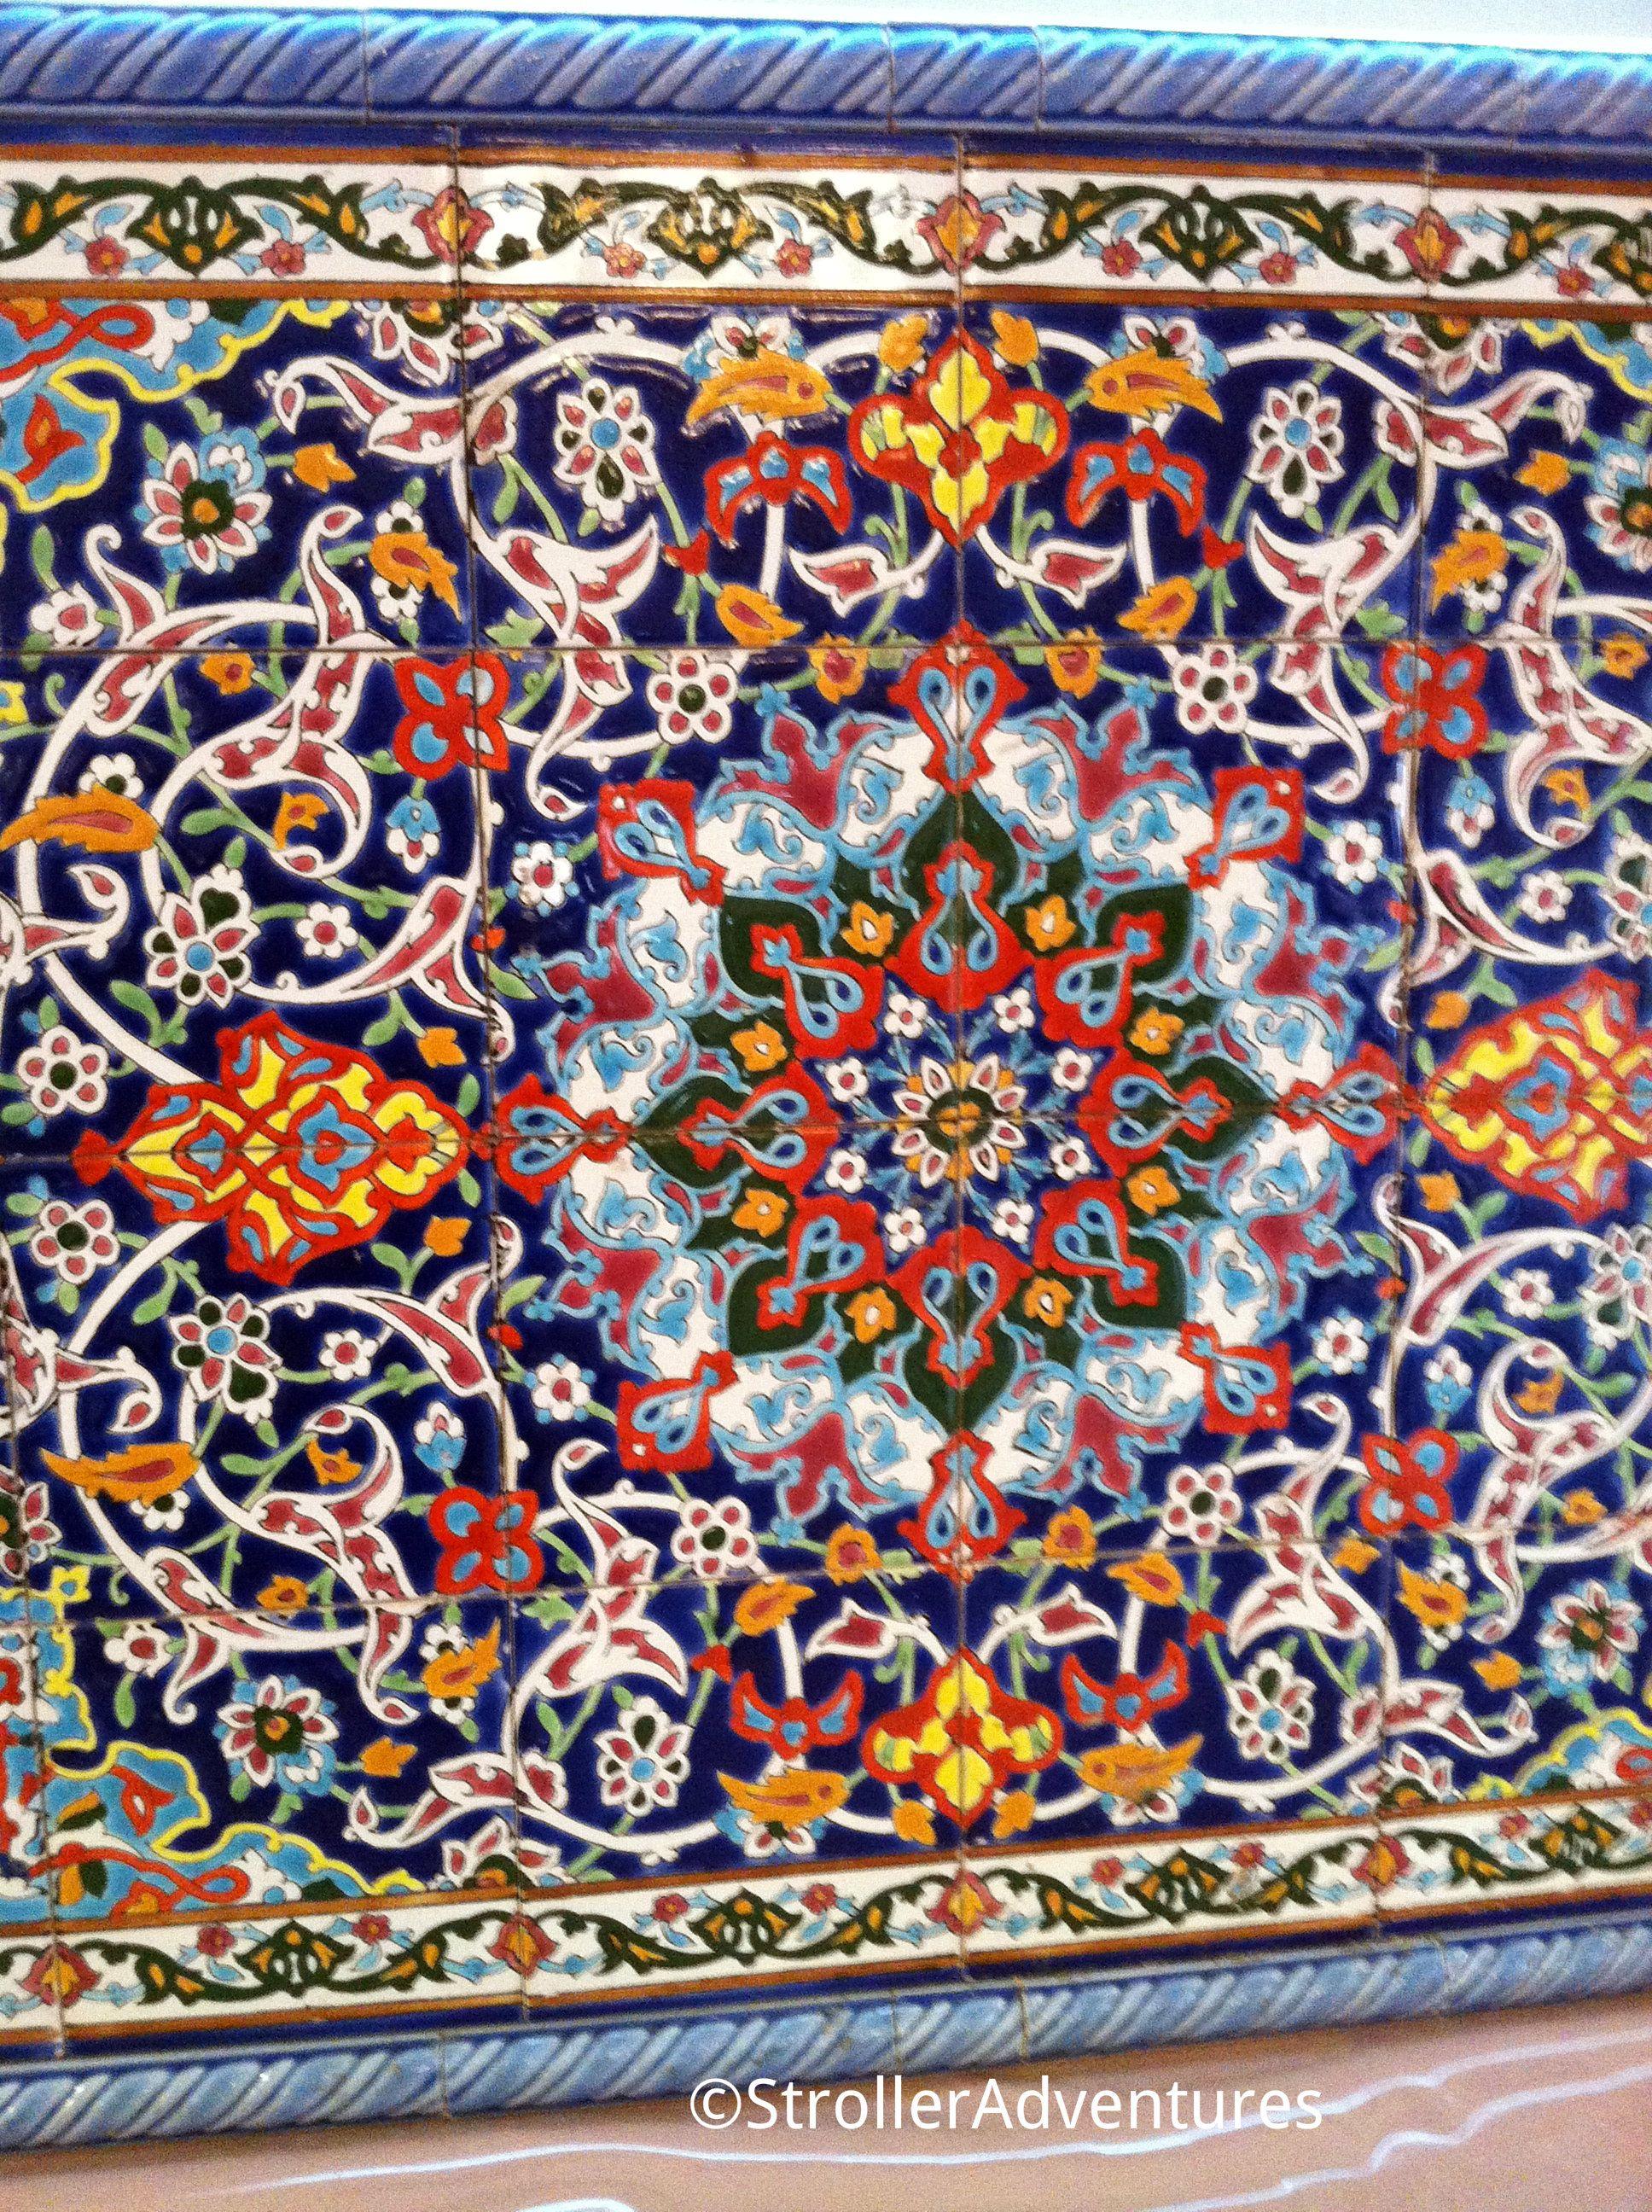 Decorative Tile Art Tile Art In Balboa Park  Ceramic  Pinterest  Tile Art Park And